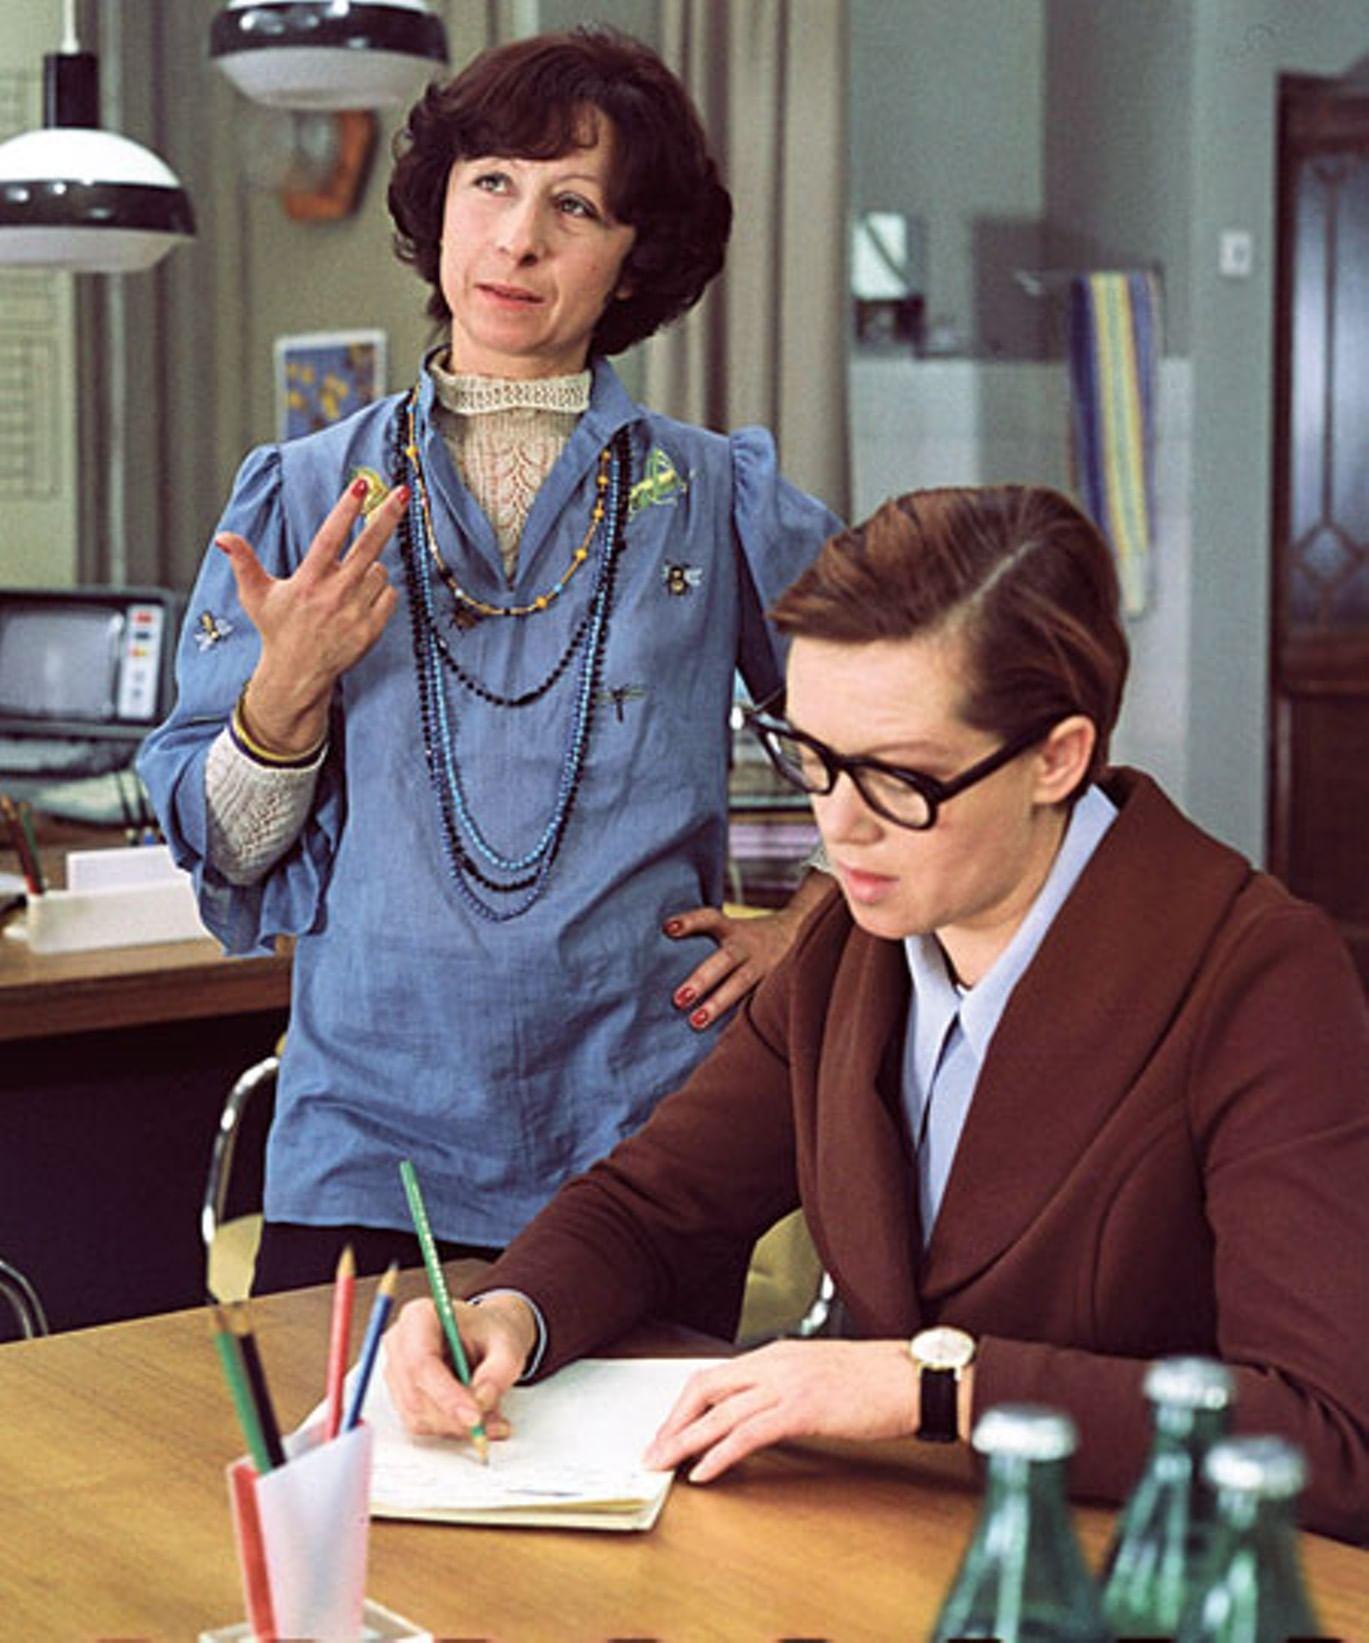 Смотреть начальник и секретарь — img 4